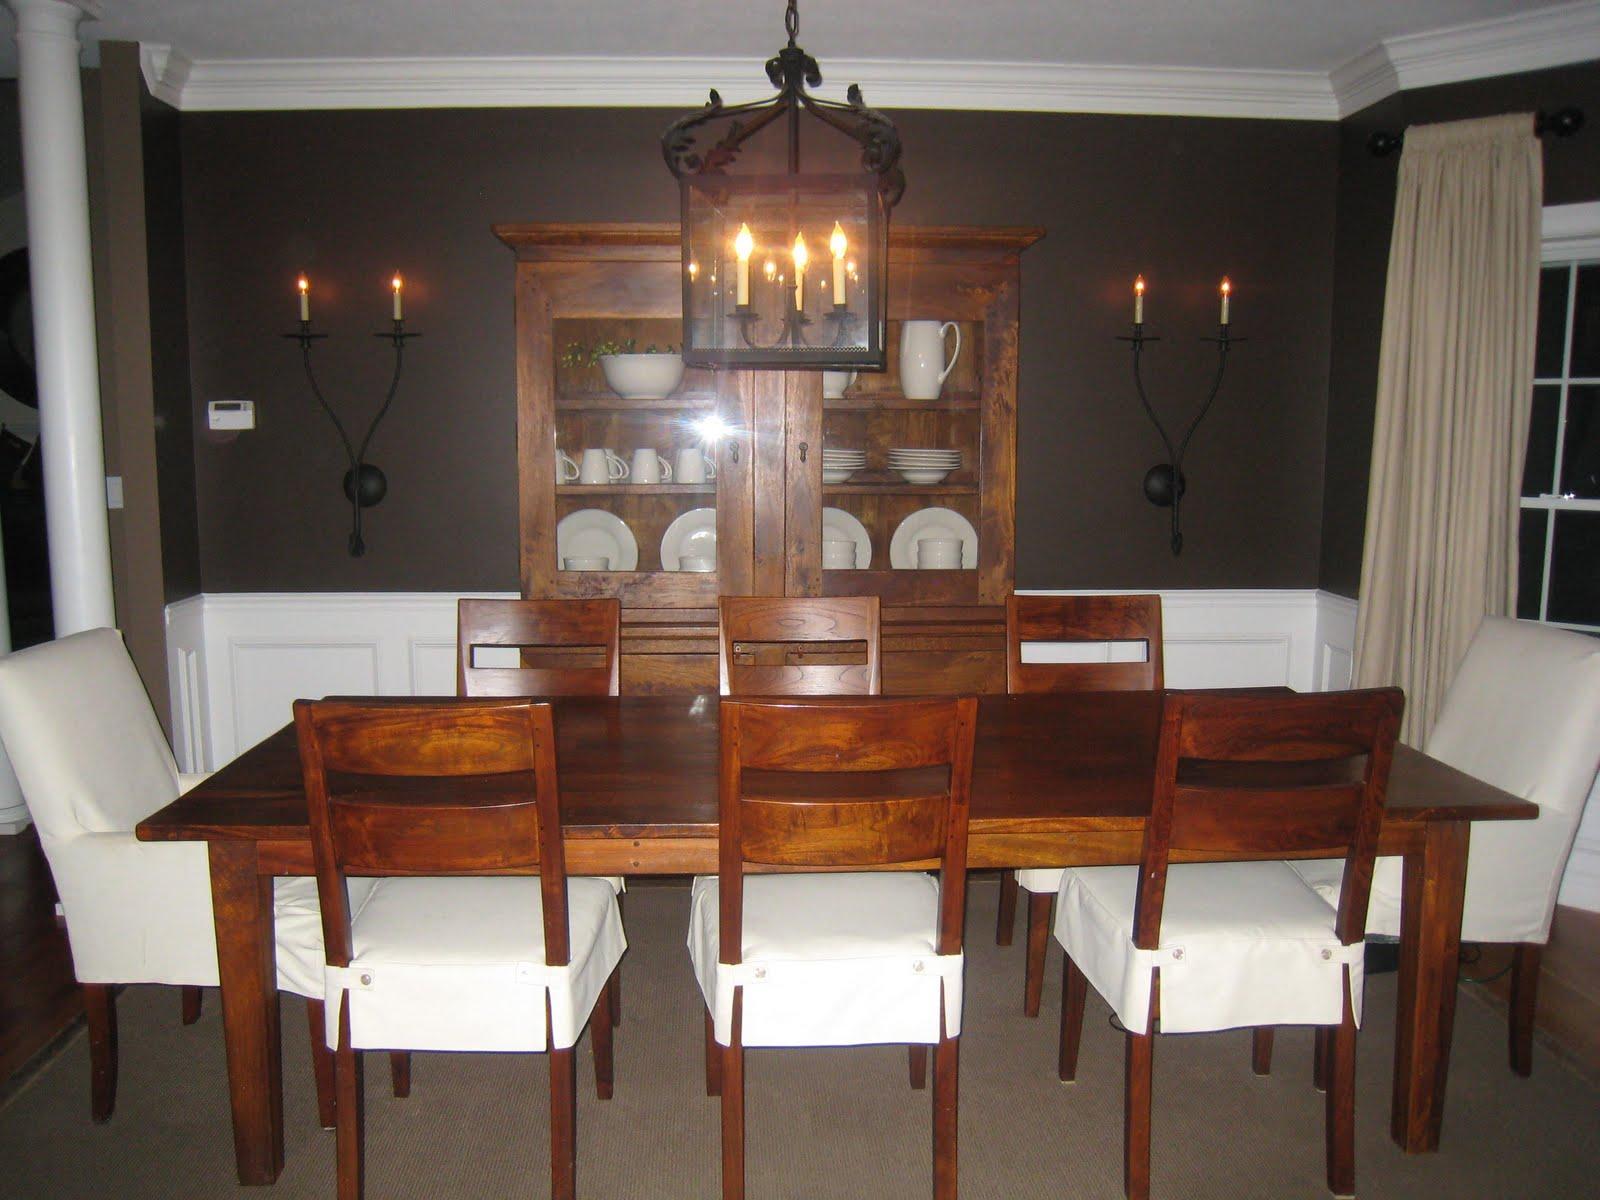 Rachel hazelton interior design paint colors 101 the for Restoration hardware paint colors photos